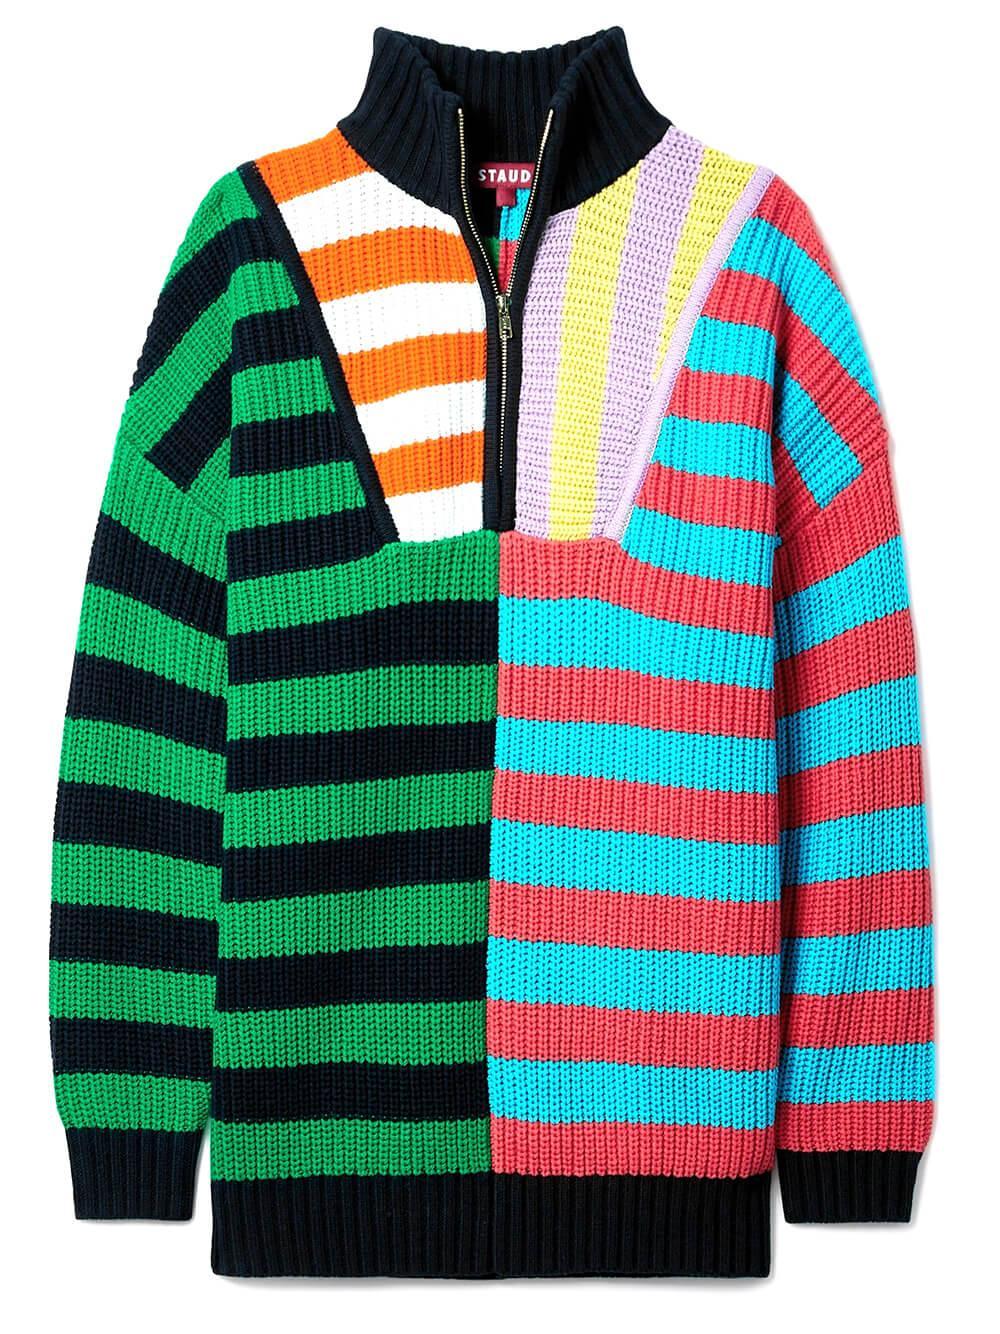 Hampton Striped Sweater